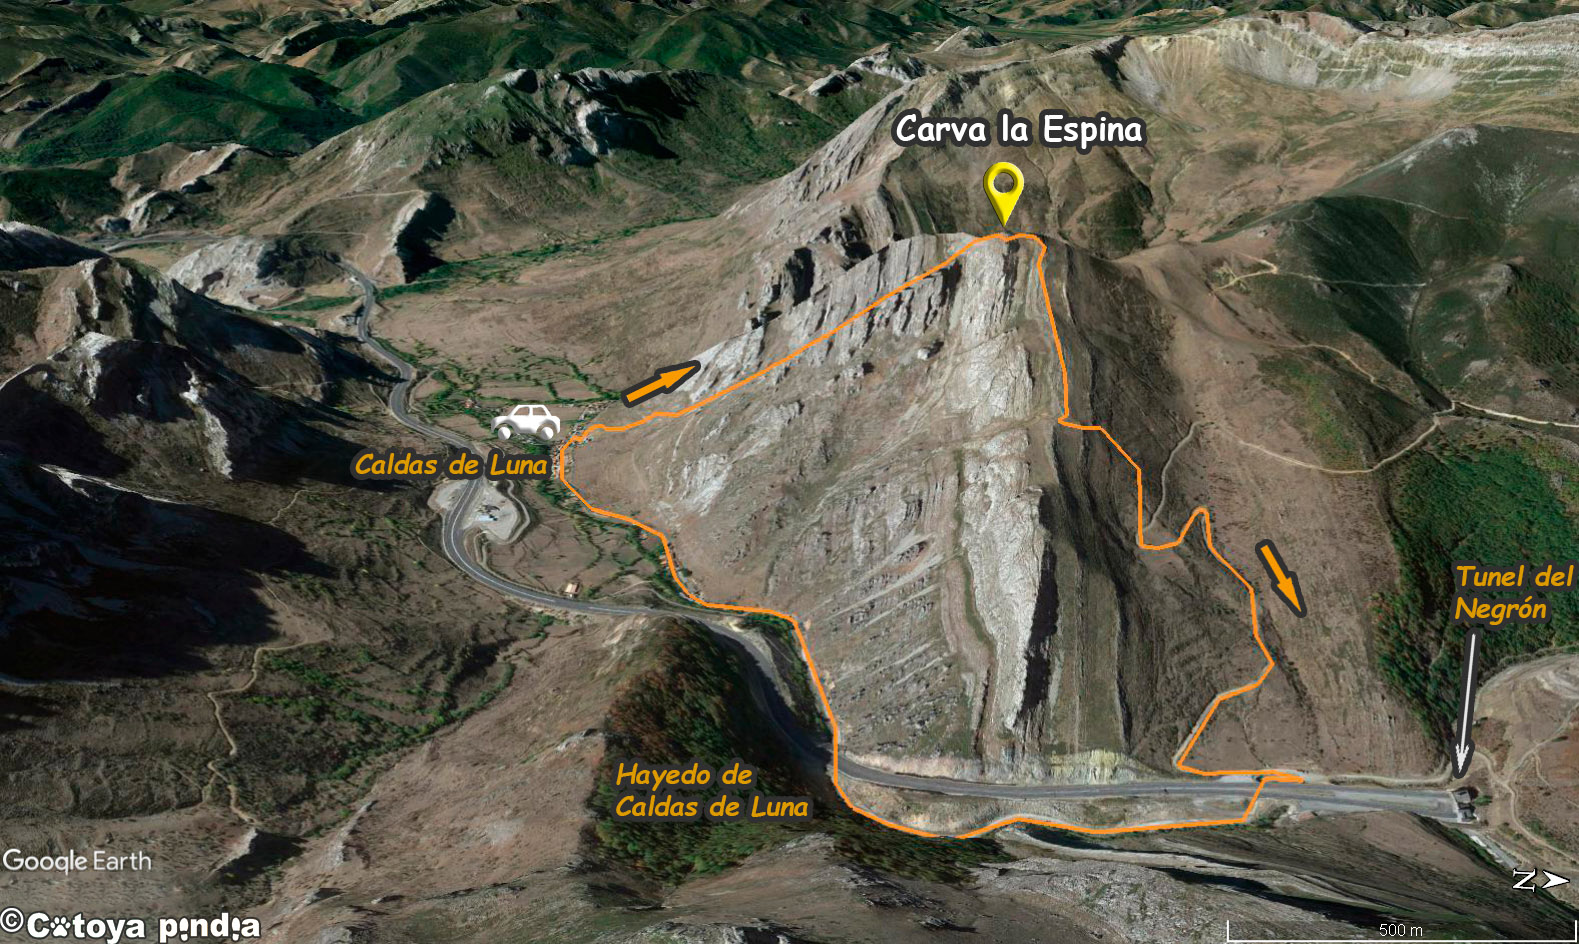 Mapa 3D de la ruta a la Carva la Espina desde Caldas de Luna en el Parque Natural Valles de Babia y Luna